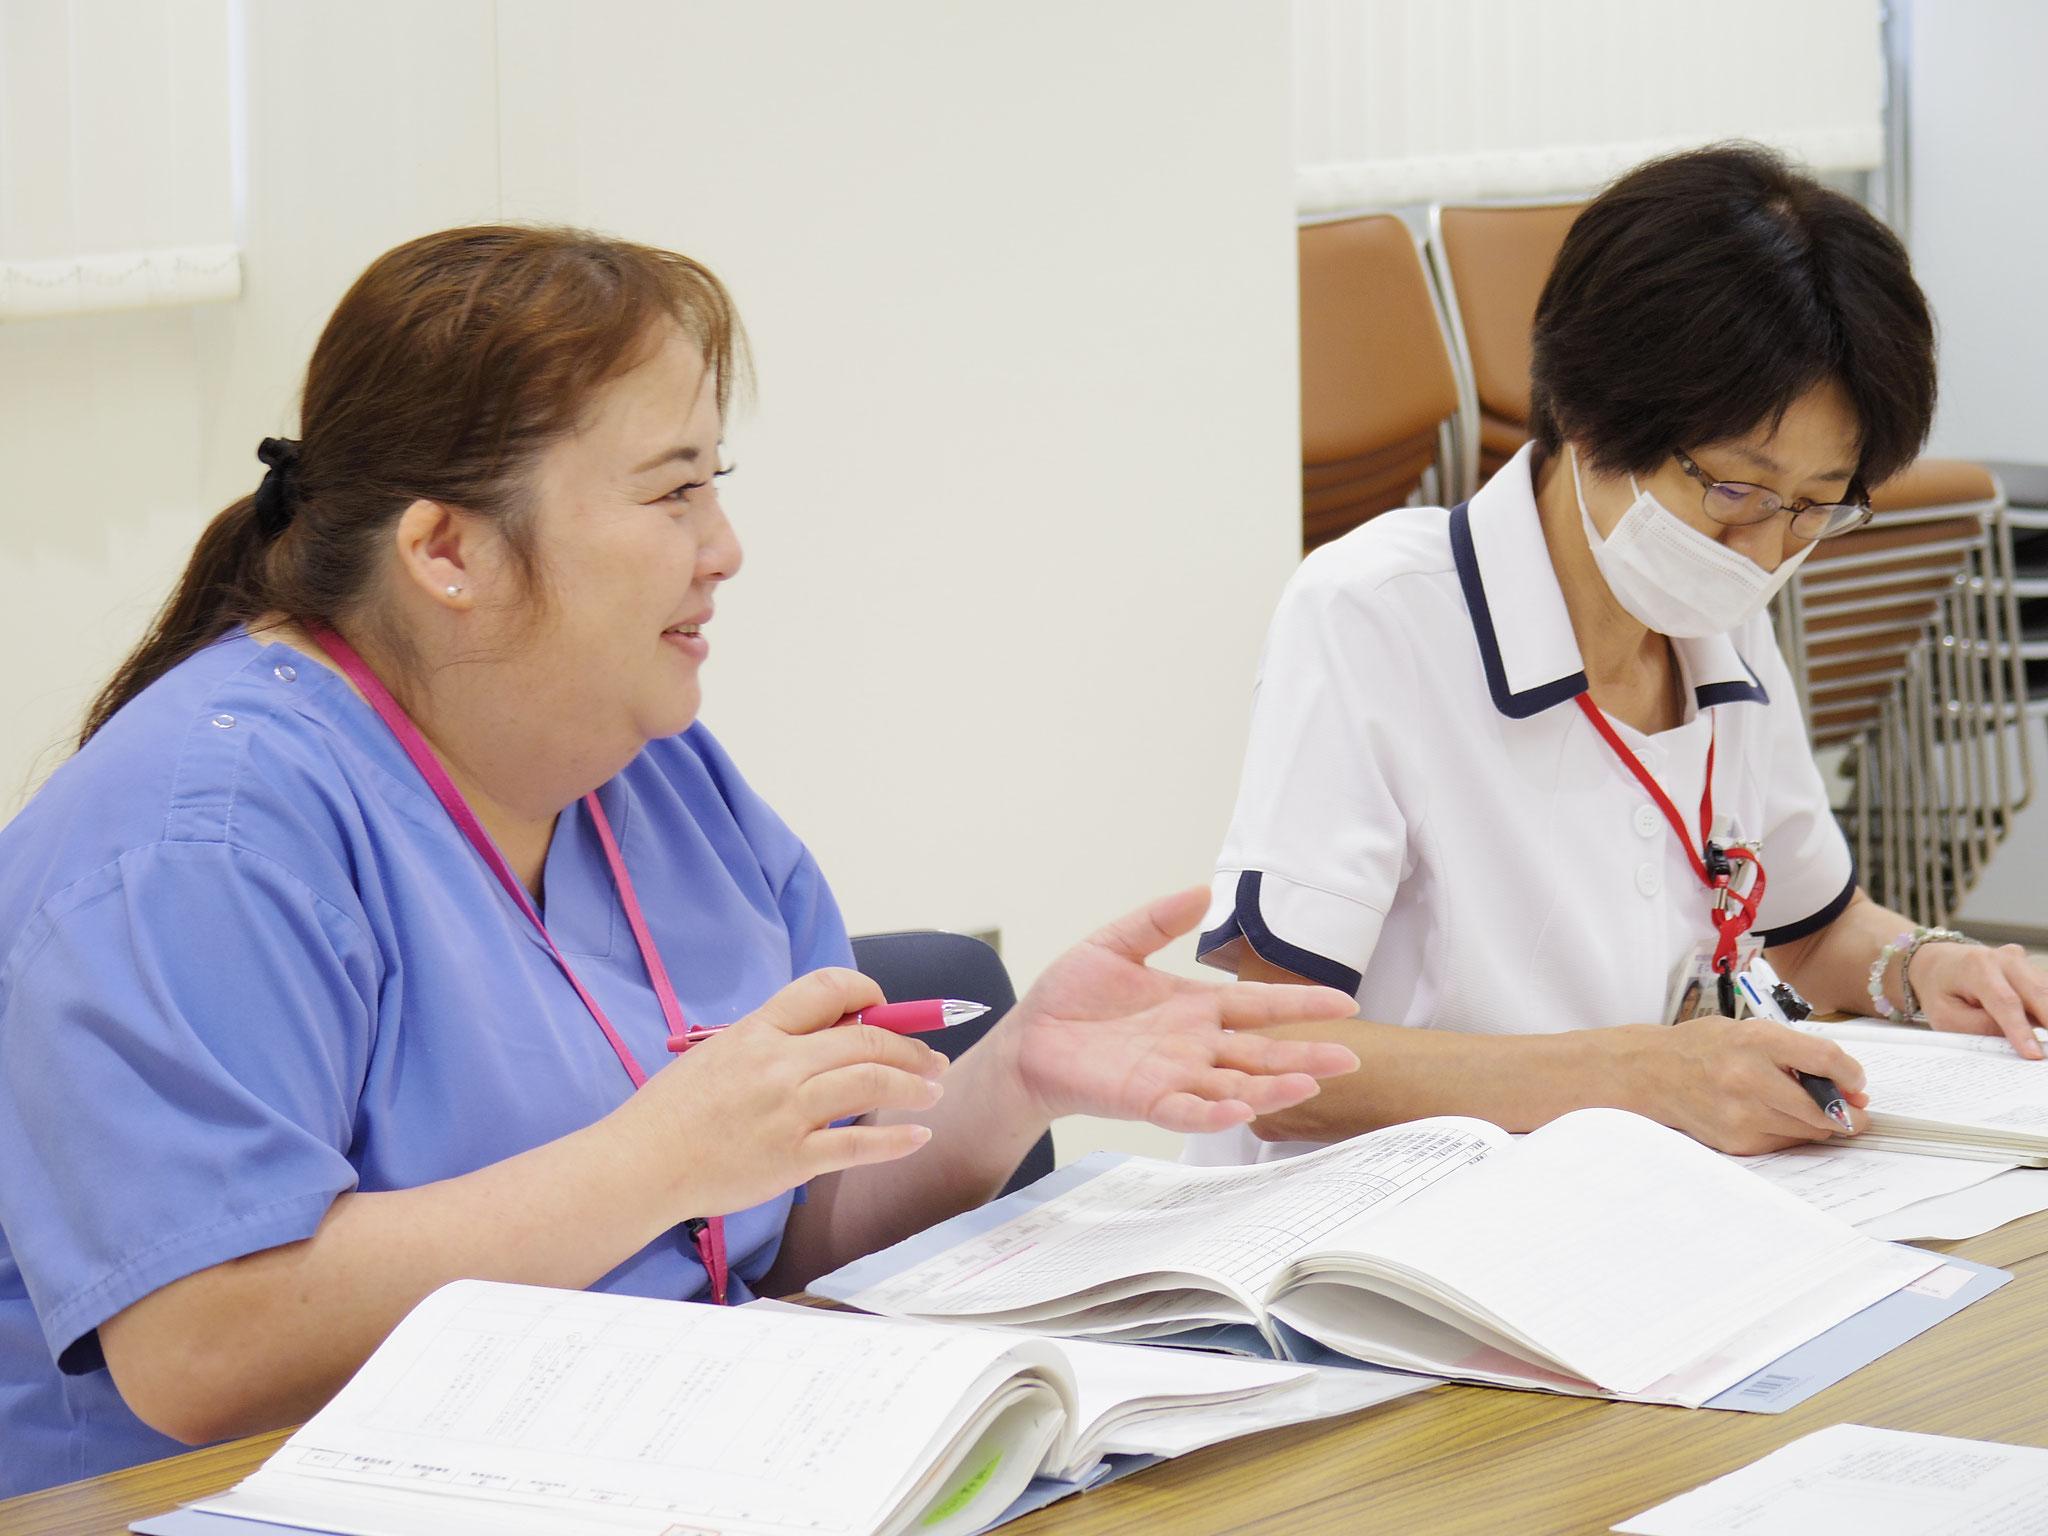 新人看護師の成長のために、教育担当者がしっかりと寄り添います